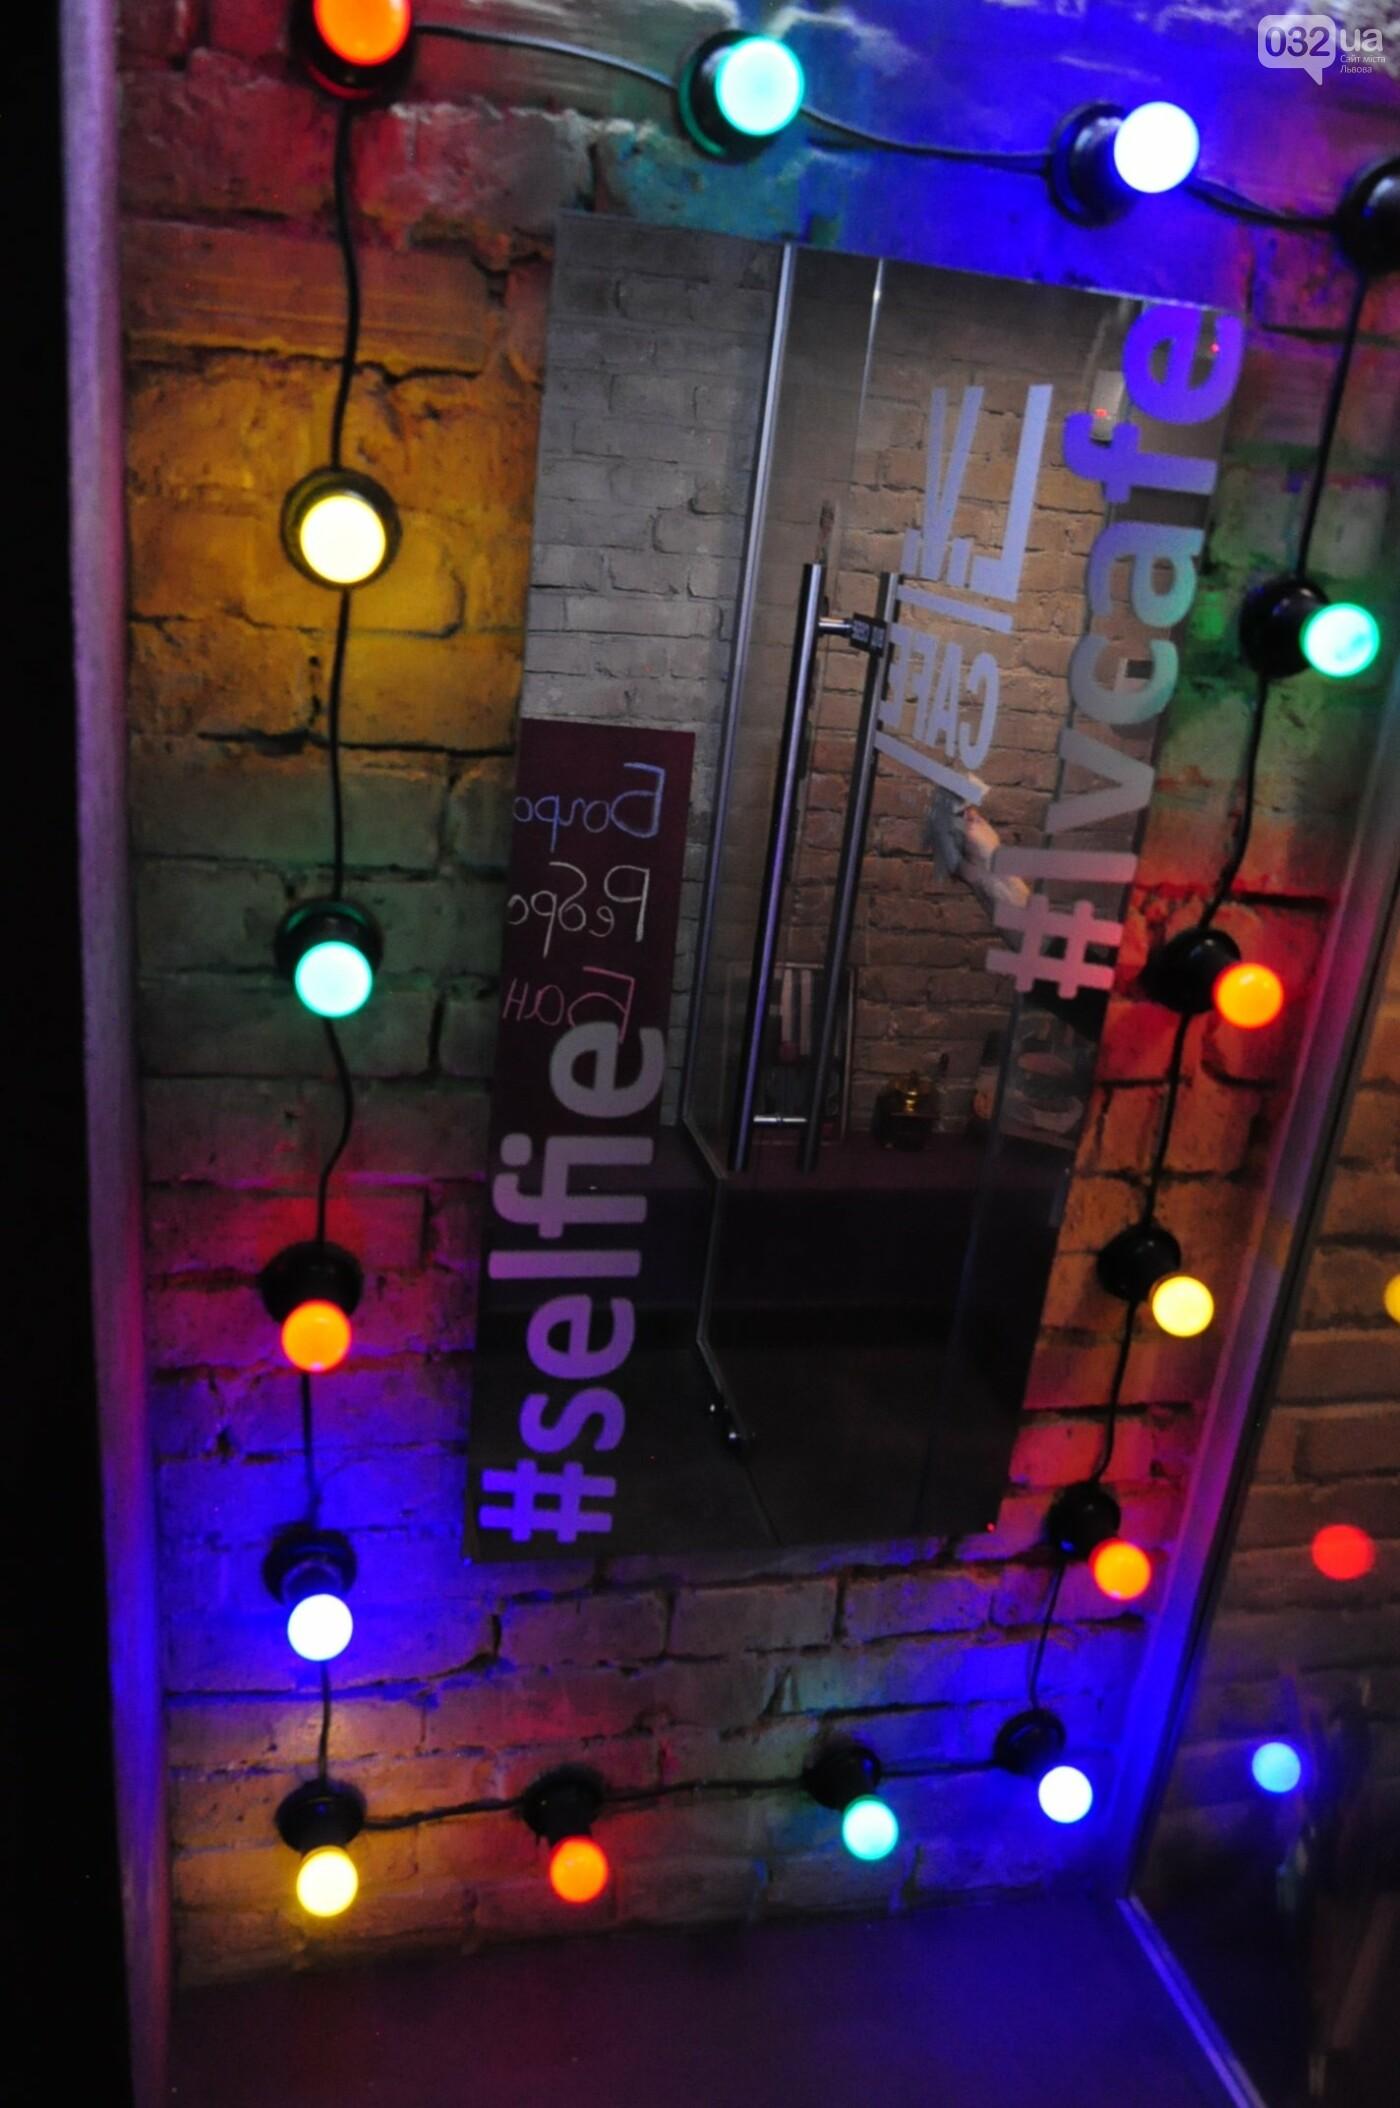 """Тест-драйв закладів Львова: ідемо в лаундж-гастро-кафе """"L. V. Cafe"""", фото-3"""